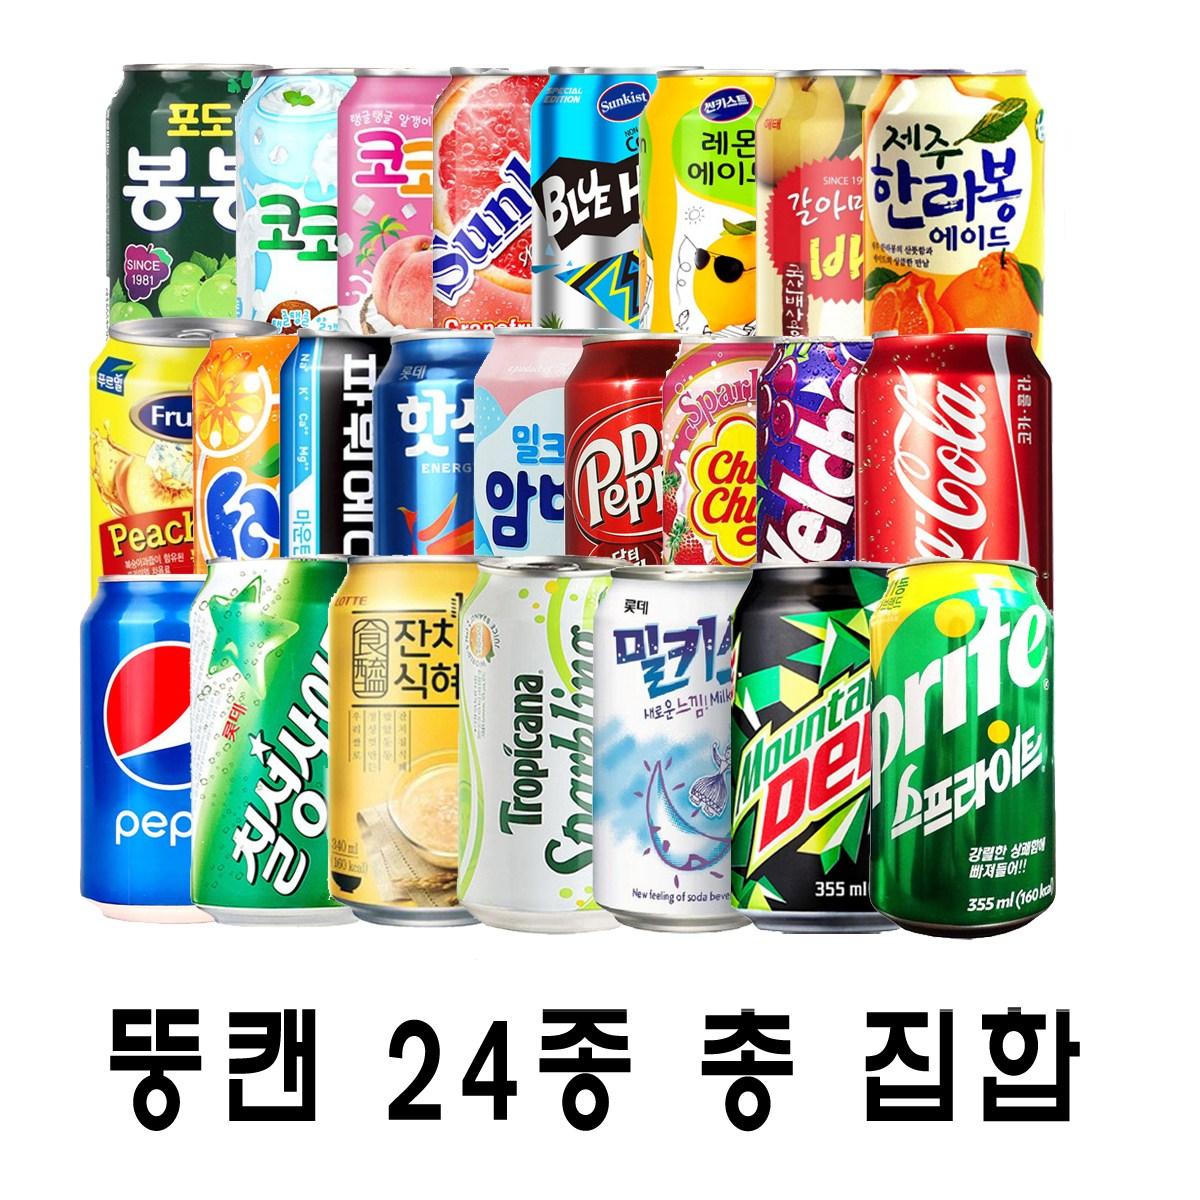 뚱캔 총 집합 24가지 맛 콜라 사이다 웰치스 밀키스 환타 코코팜, 24캔